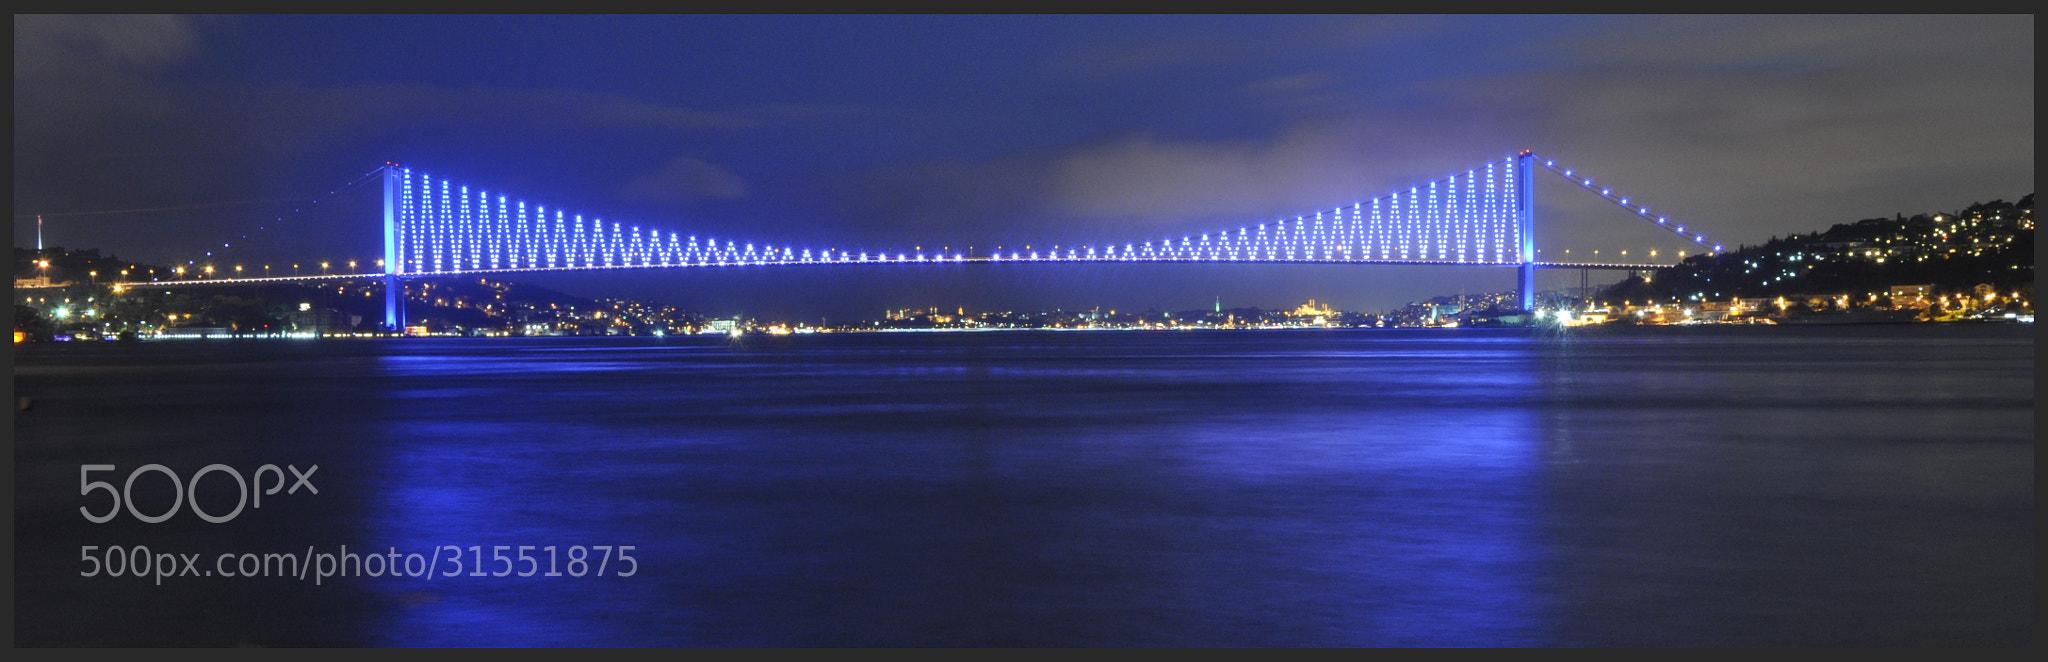 Photograph Bosphorus Bridge by Melih Gün on 500px